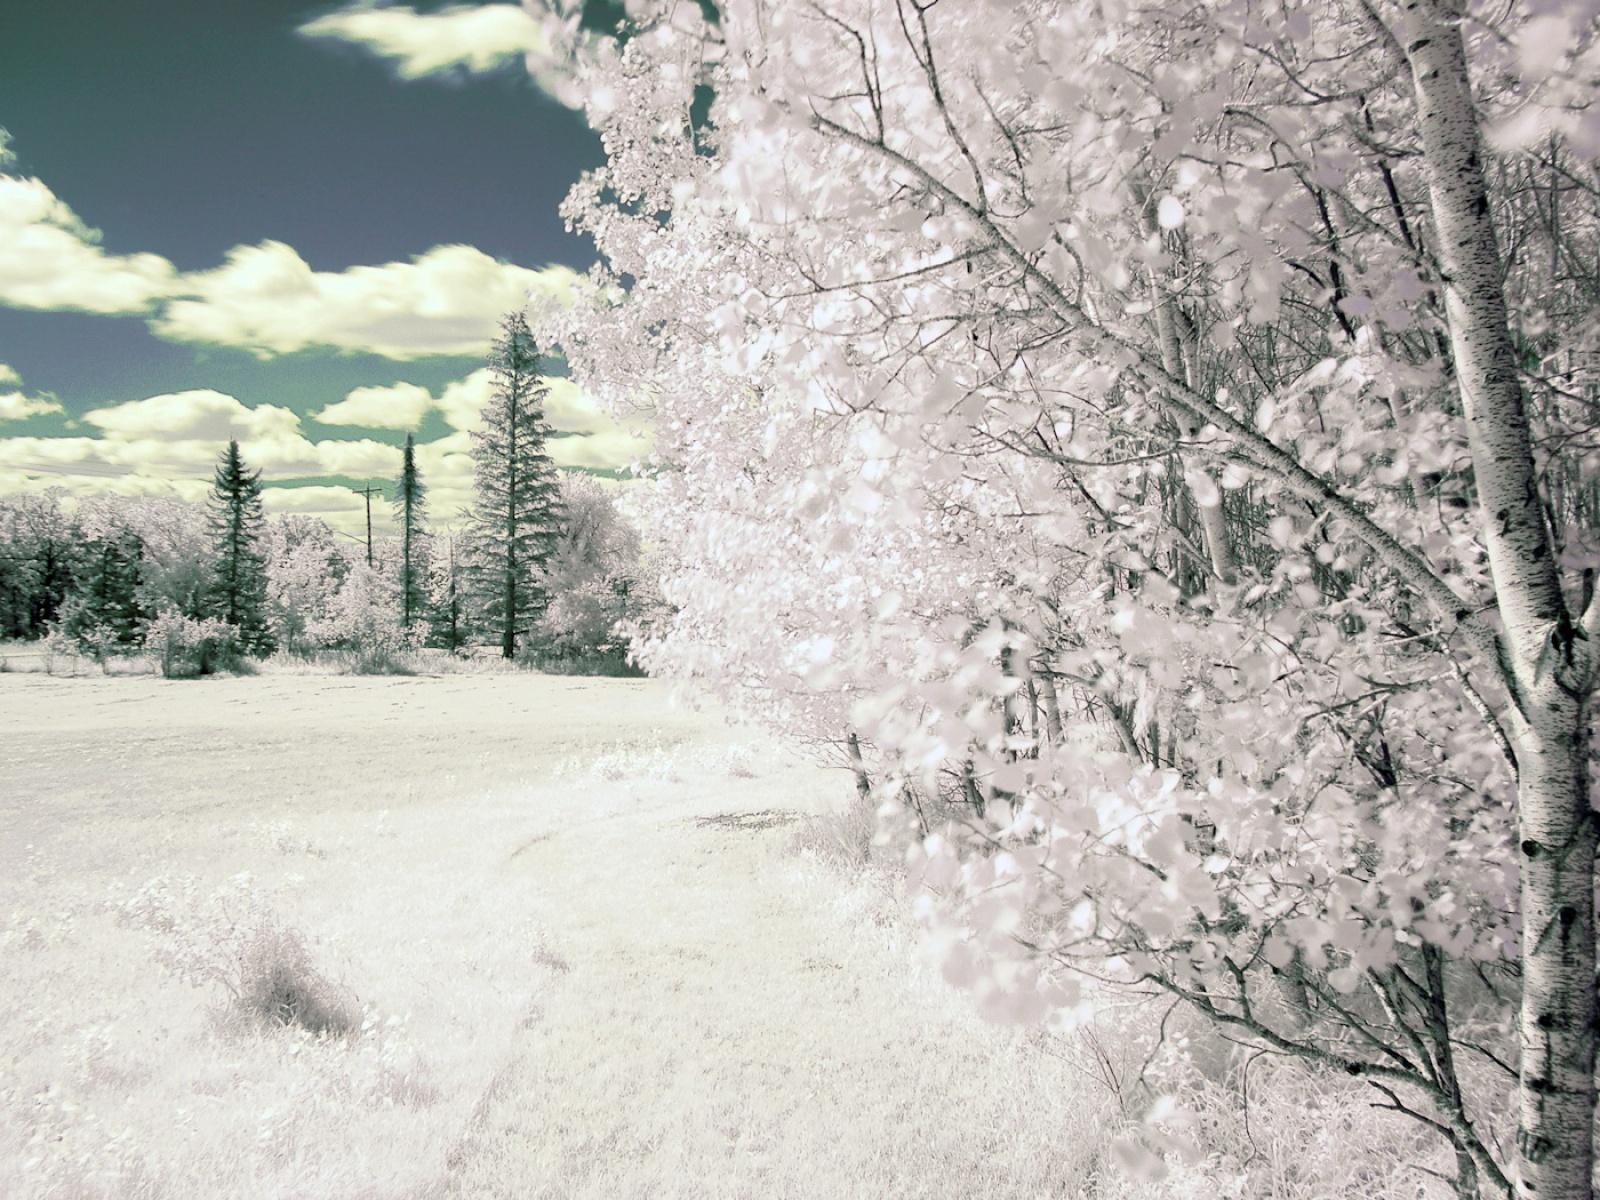 Scenery wallpaper fond ecran gratuit paysage d 39 hiver for Paysage gratuit